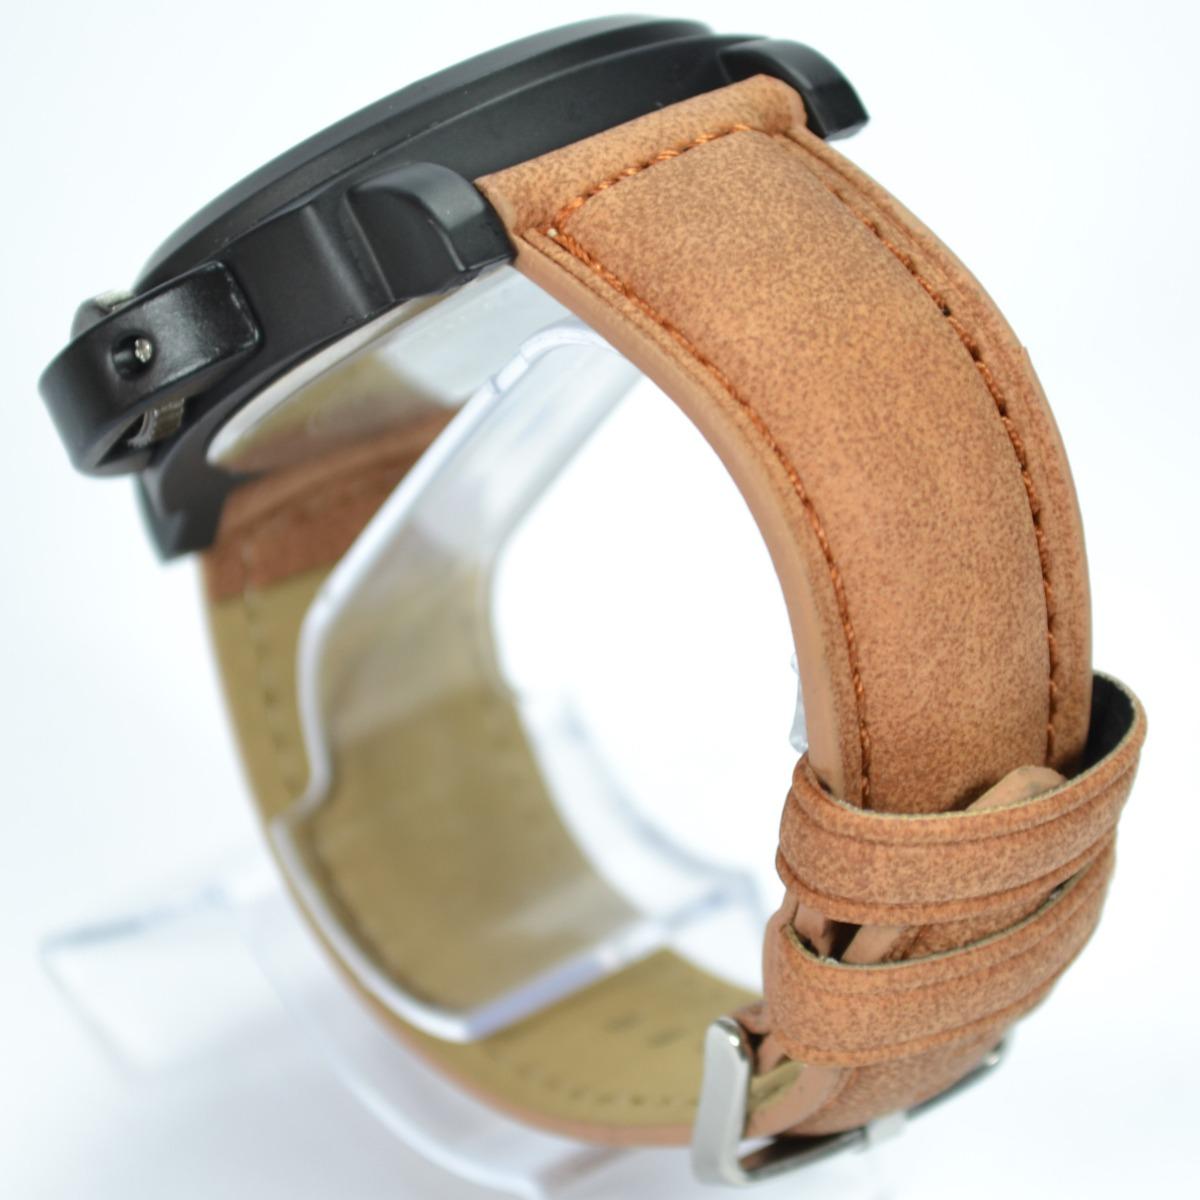 eaf06b8eaa2 relógio masculino ck caramelo analógico couro luxo social. Carregando zoom.